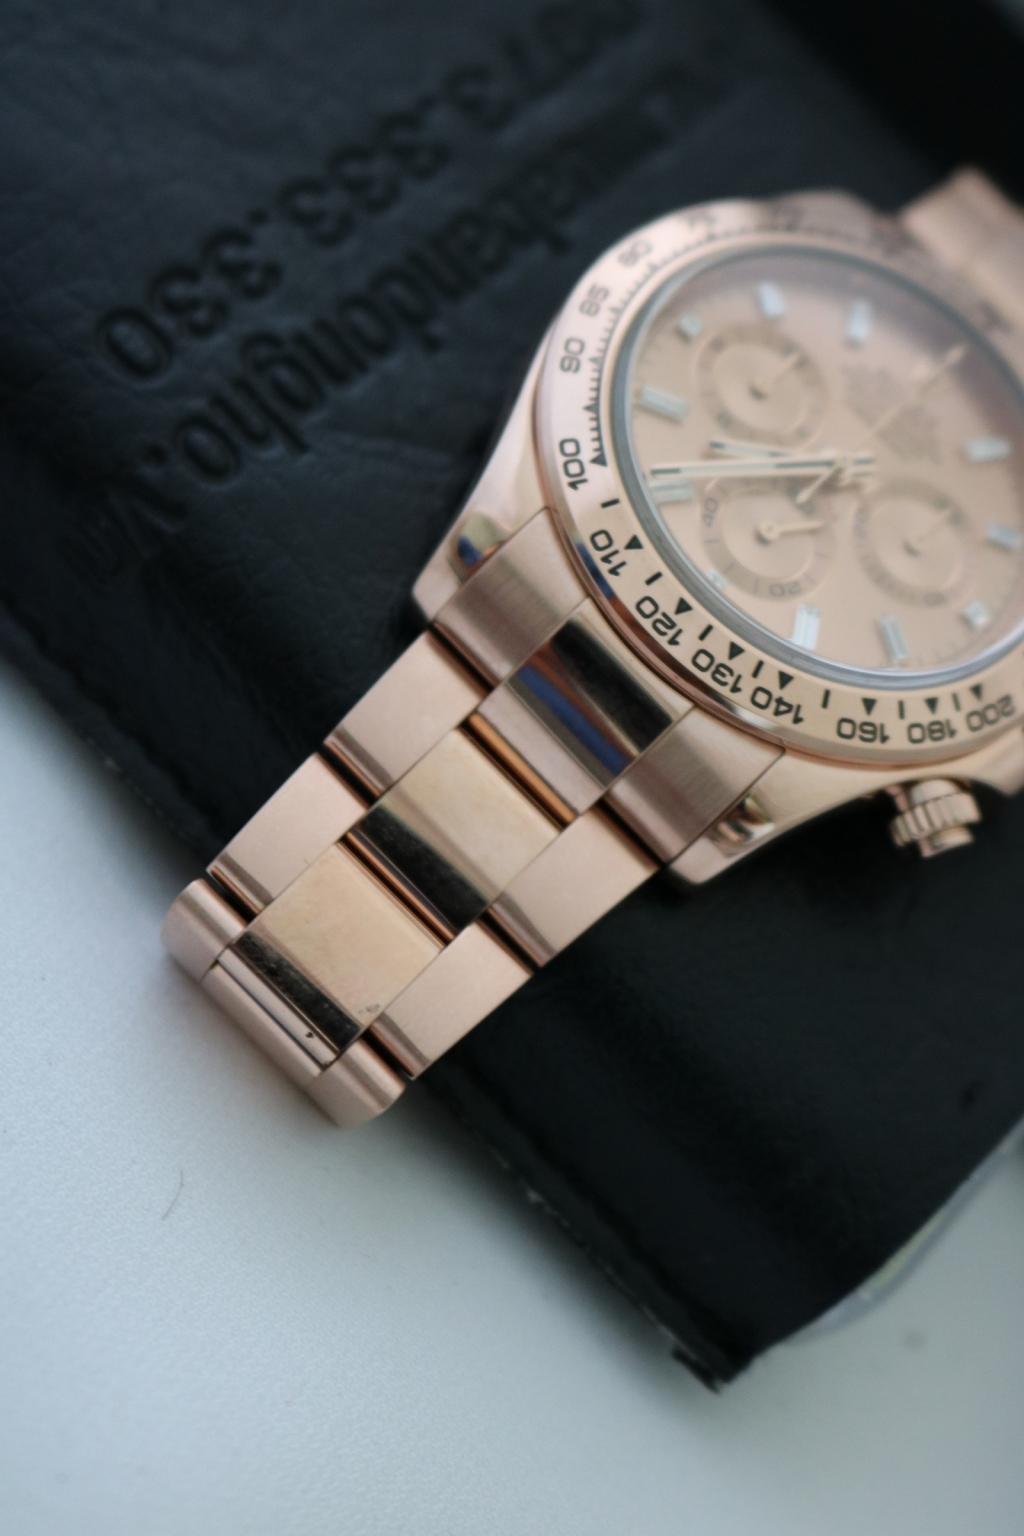 Đồng hồ rolex daytona 6 số 116505 – vàng hồng – mặt kim cương – size 40mm